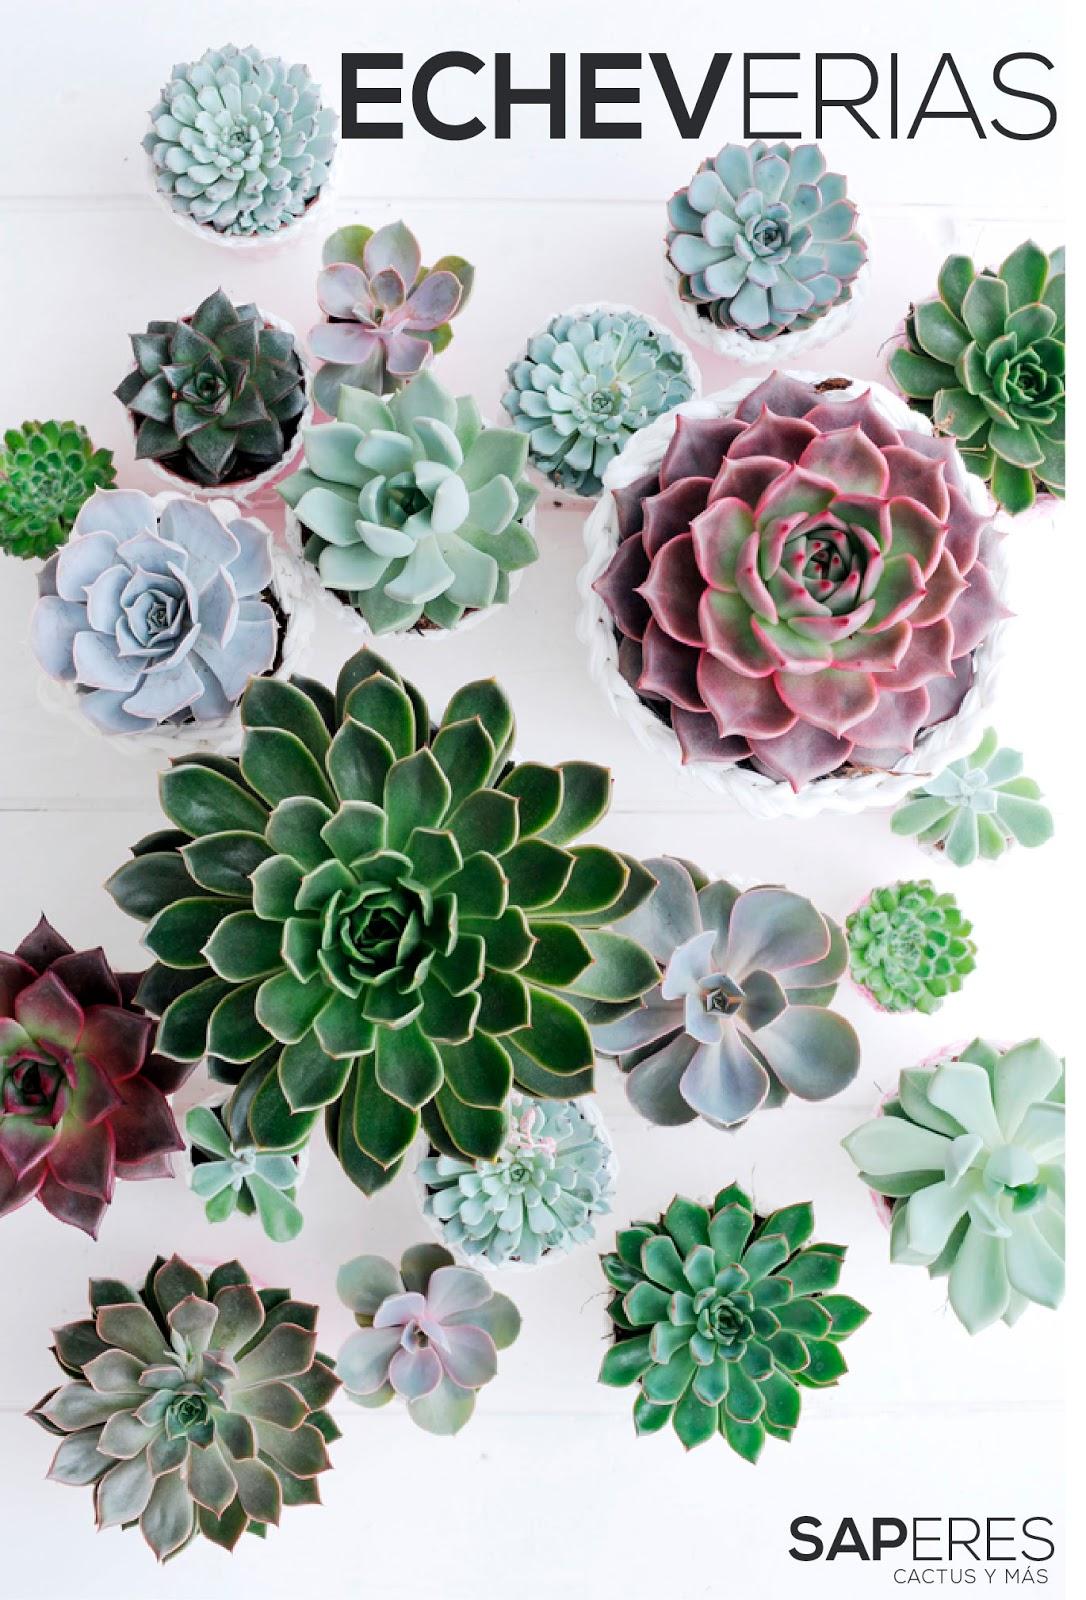 Echeverias saperes for Catalogo de flores de jardin